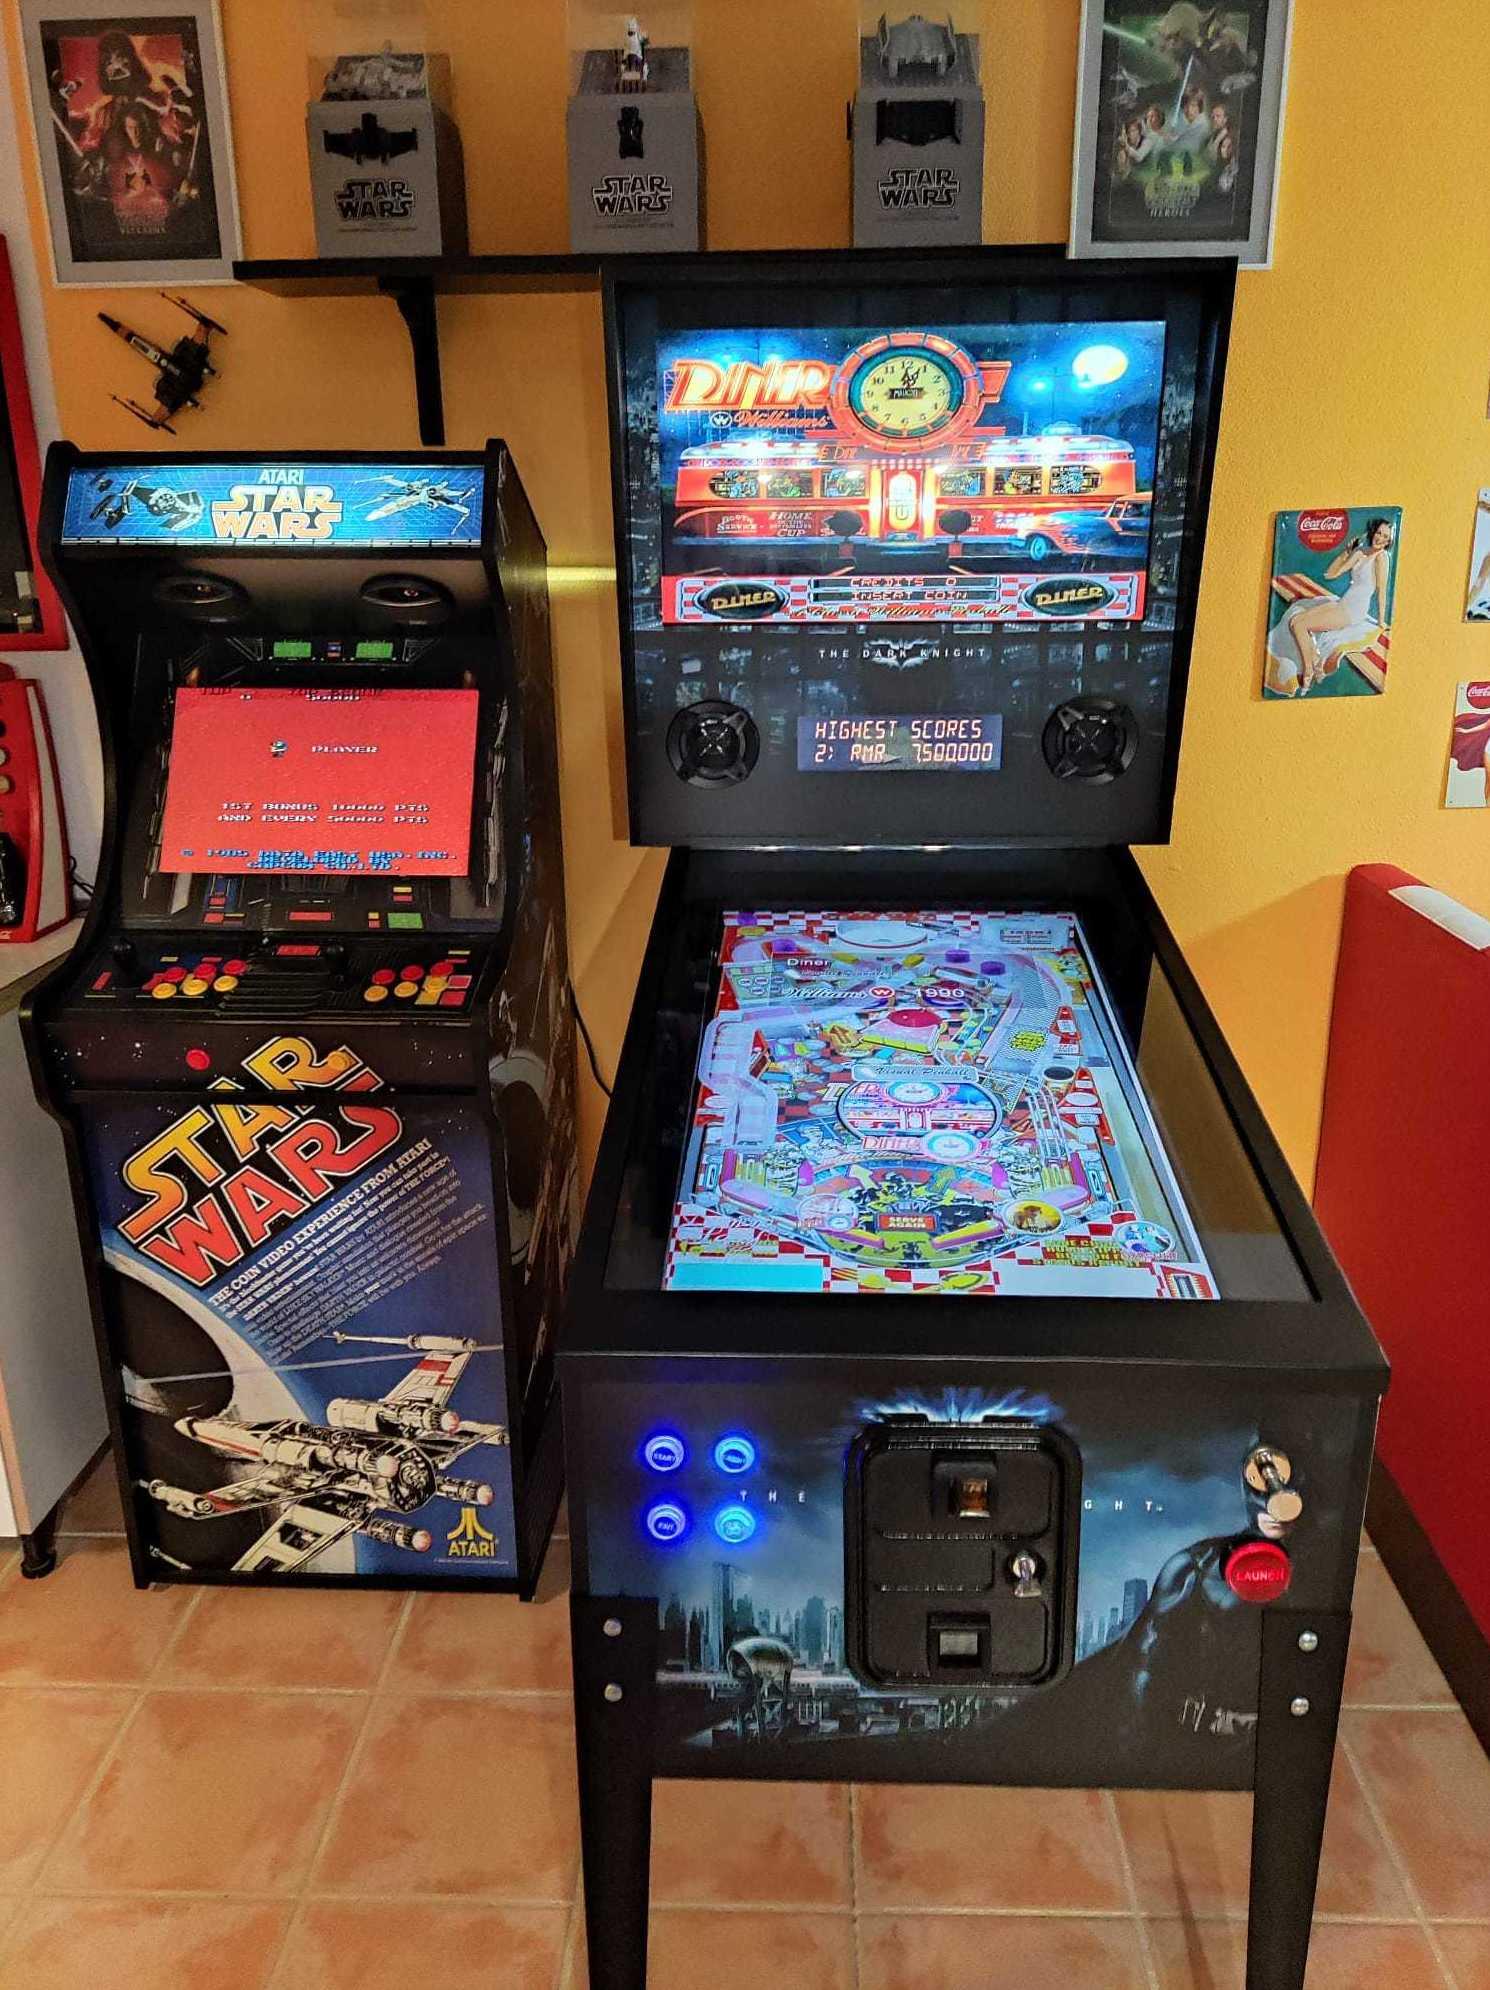 Pinball Virtual: Maquinas Recreativas/Pinball de Mundo Arcade Sevilla